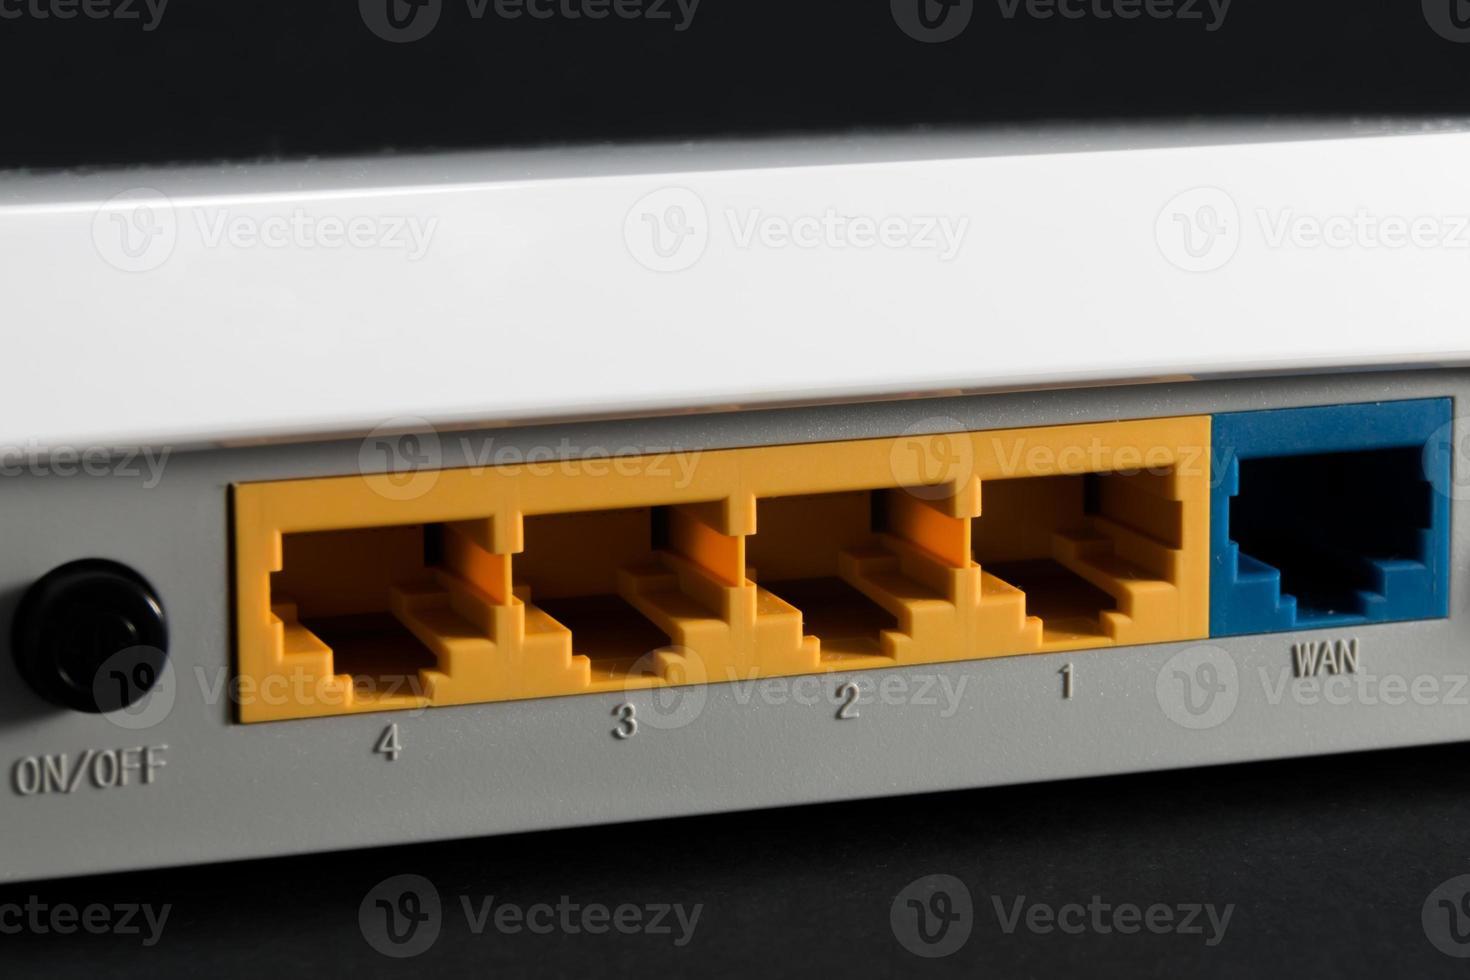 porta Ethernet na parte traseira do roteador foto